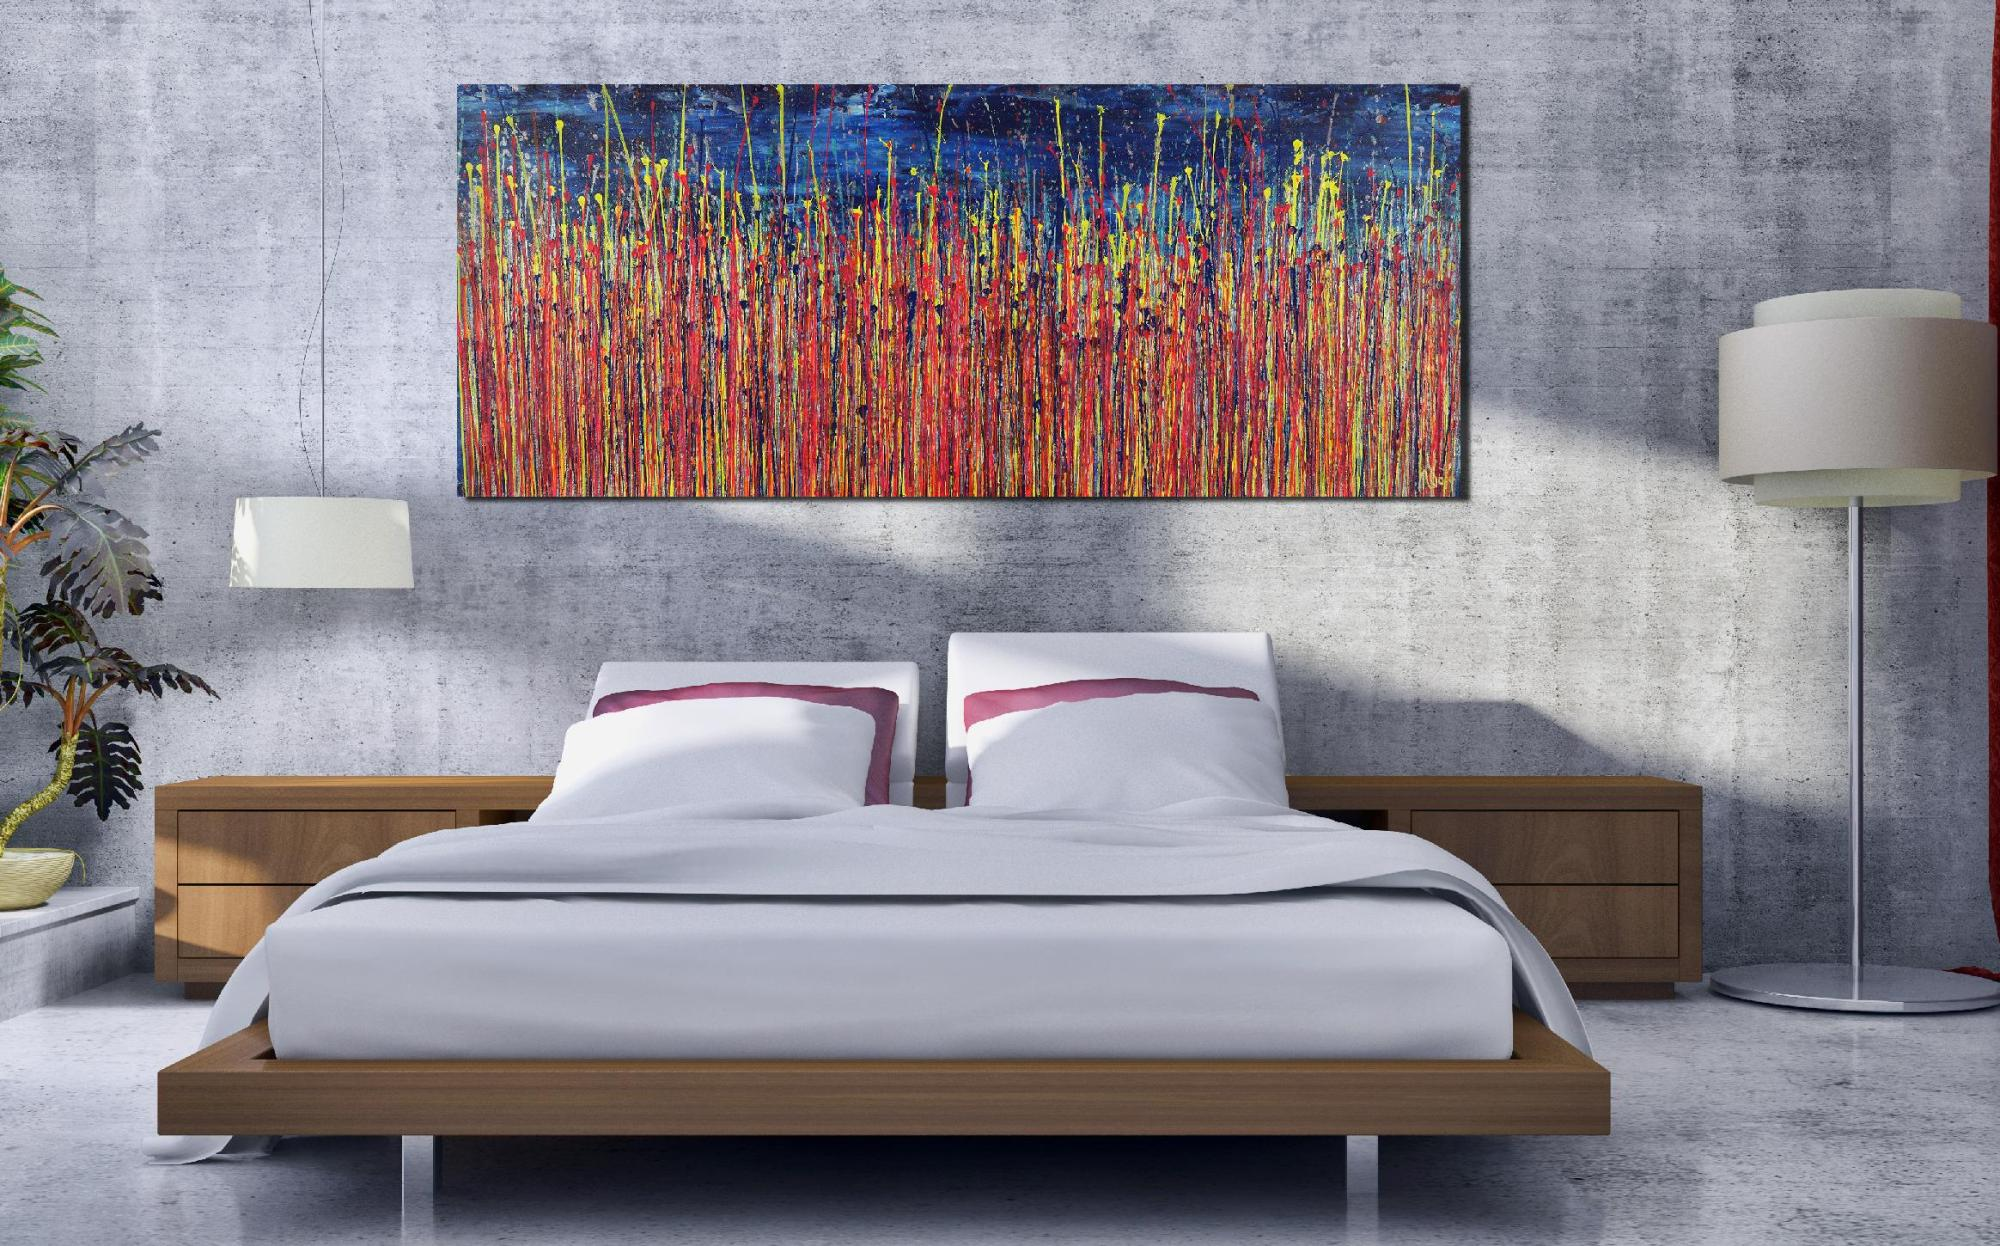 Room View - Prophecy Garden 2 (2020) by Nestor Toro